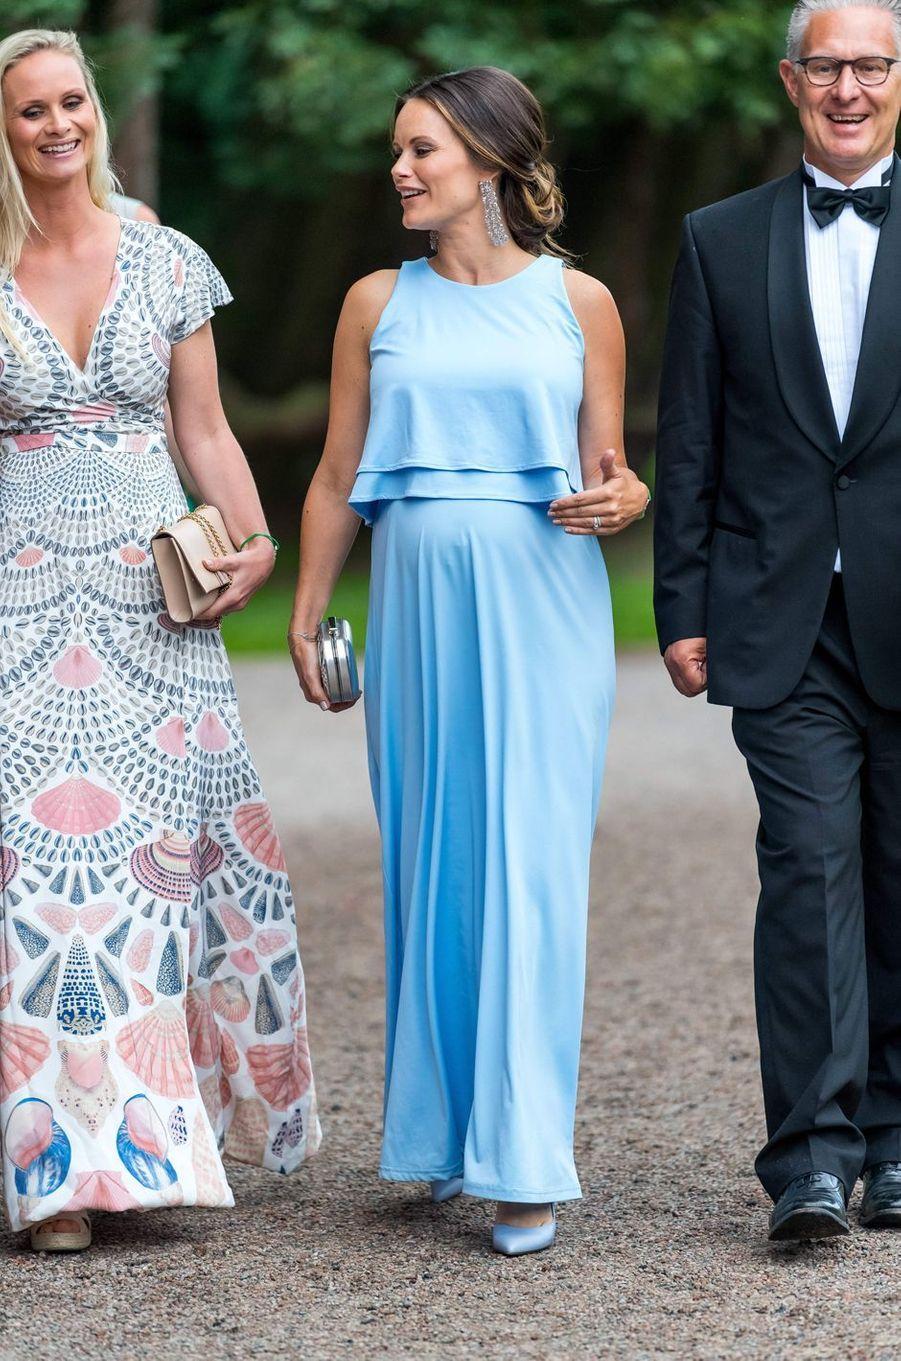 La princesse Sofia de Suède, née Hellqvist, à Bastad, le 2 août 2017